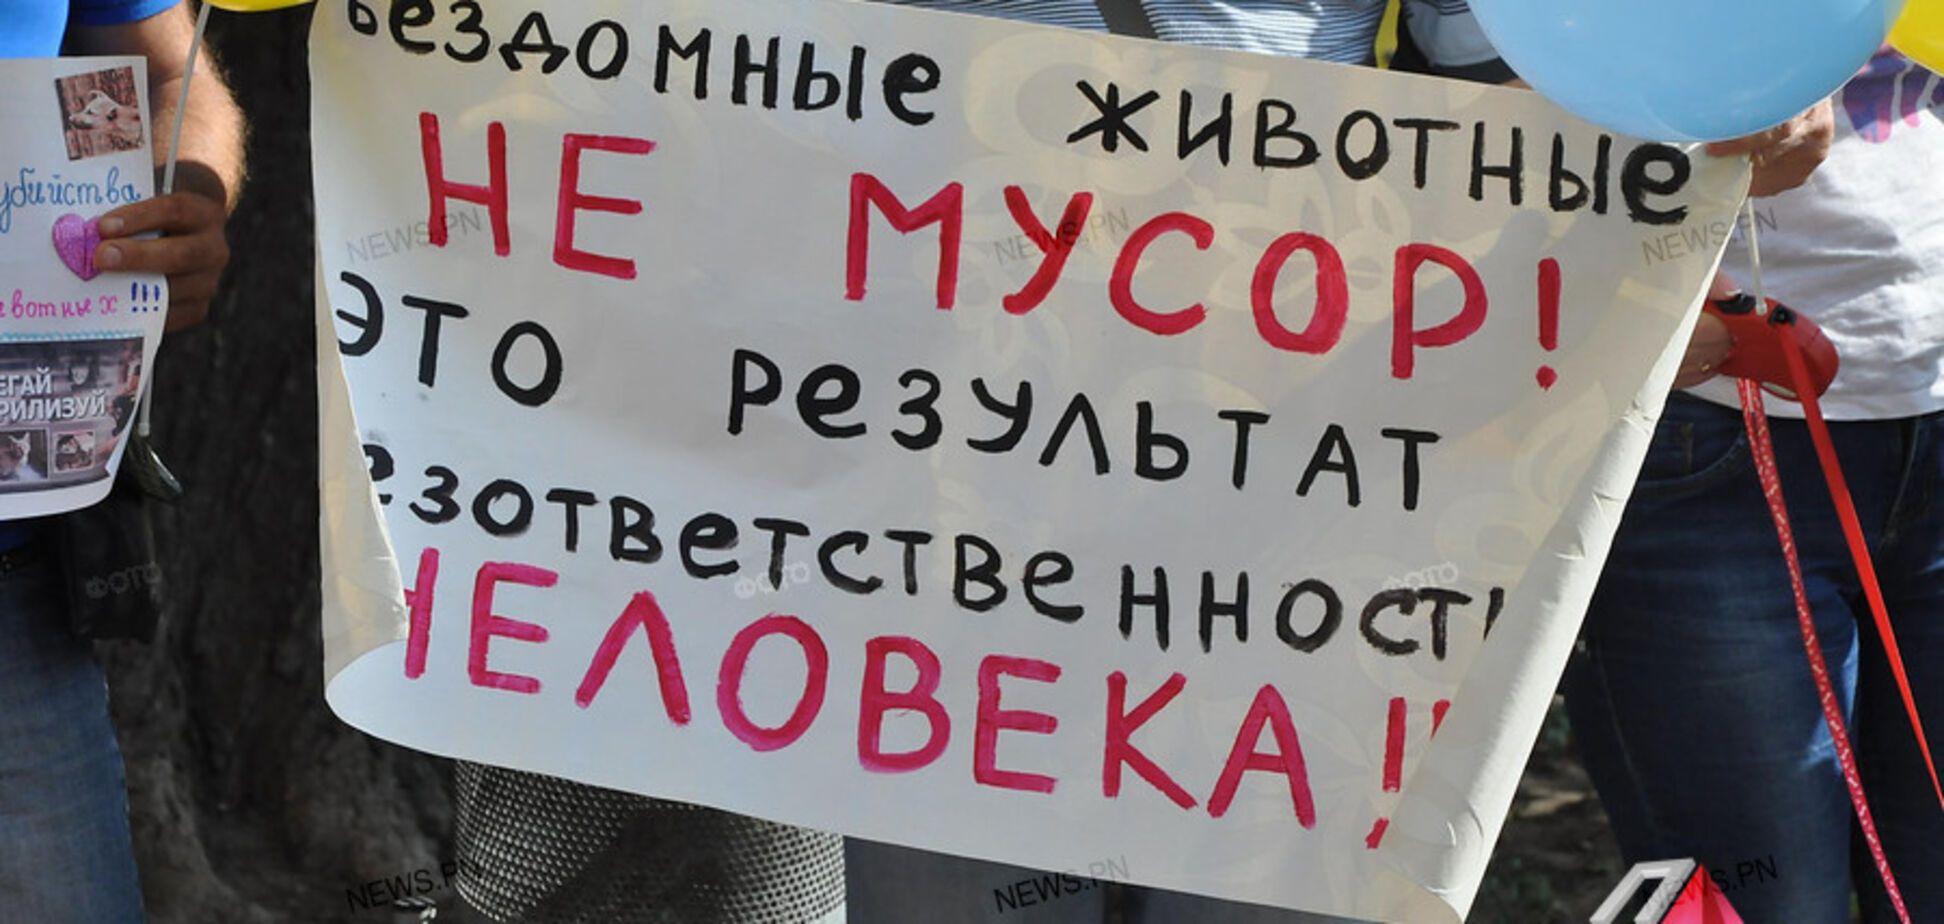 Скандал с убийством собак в Николаеве: зоозащитники забили тревогу